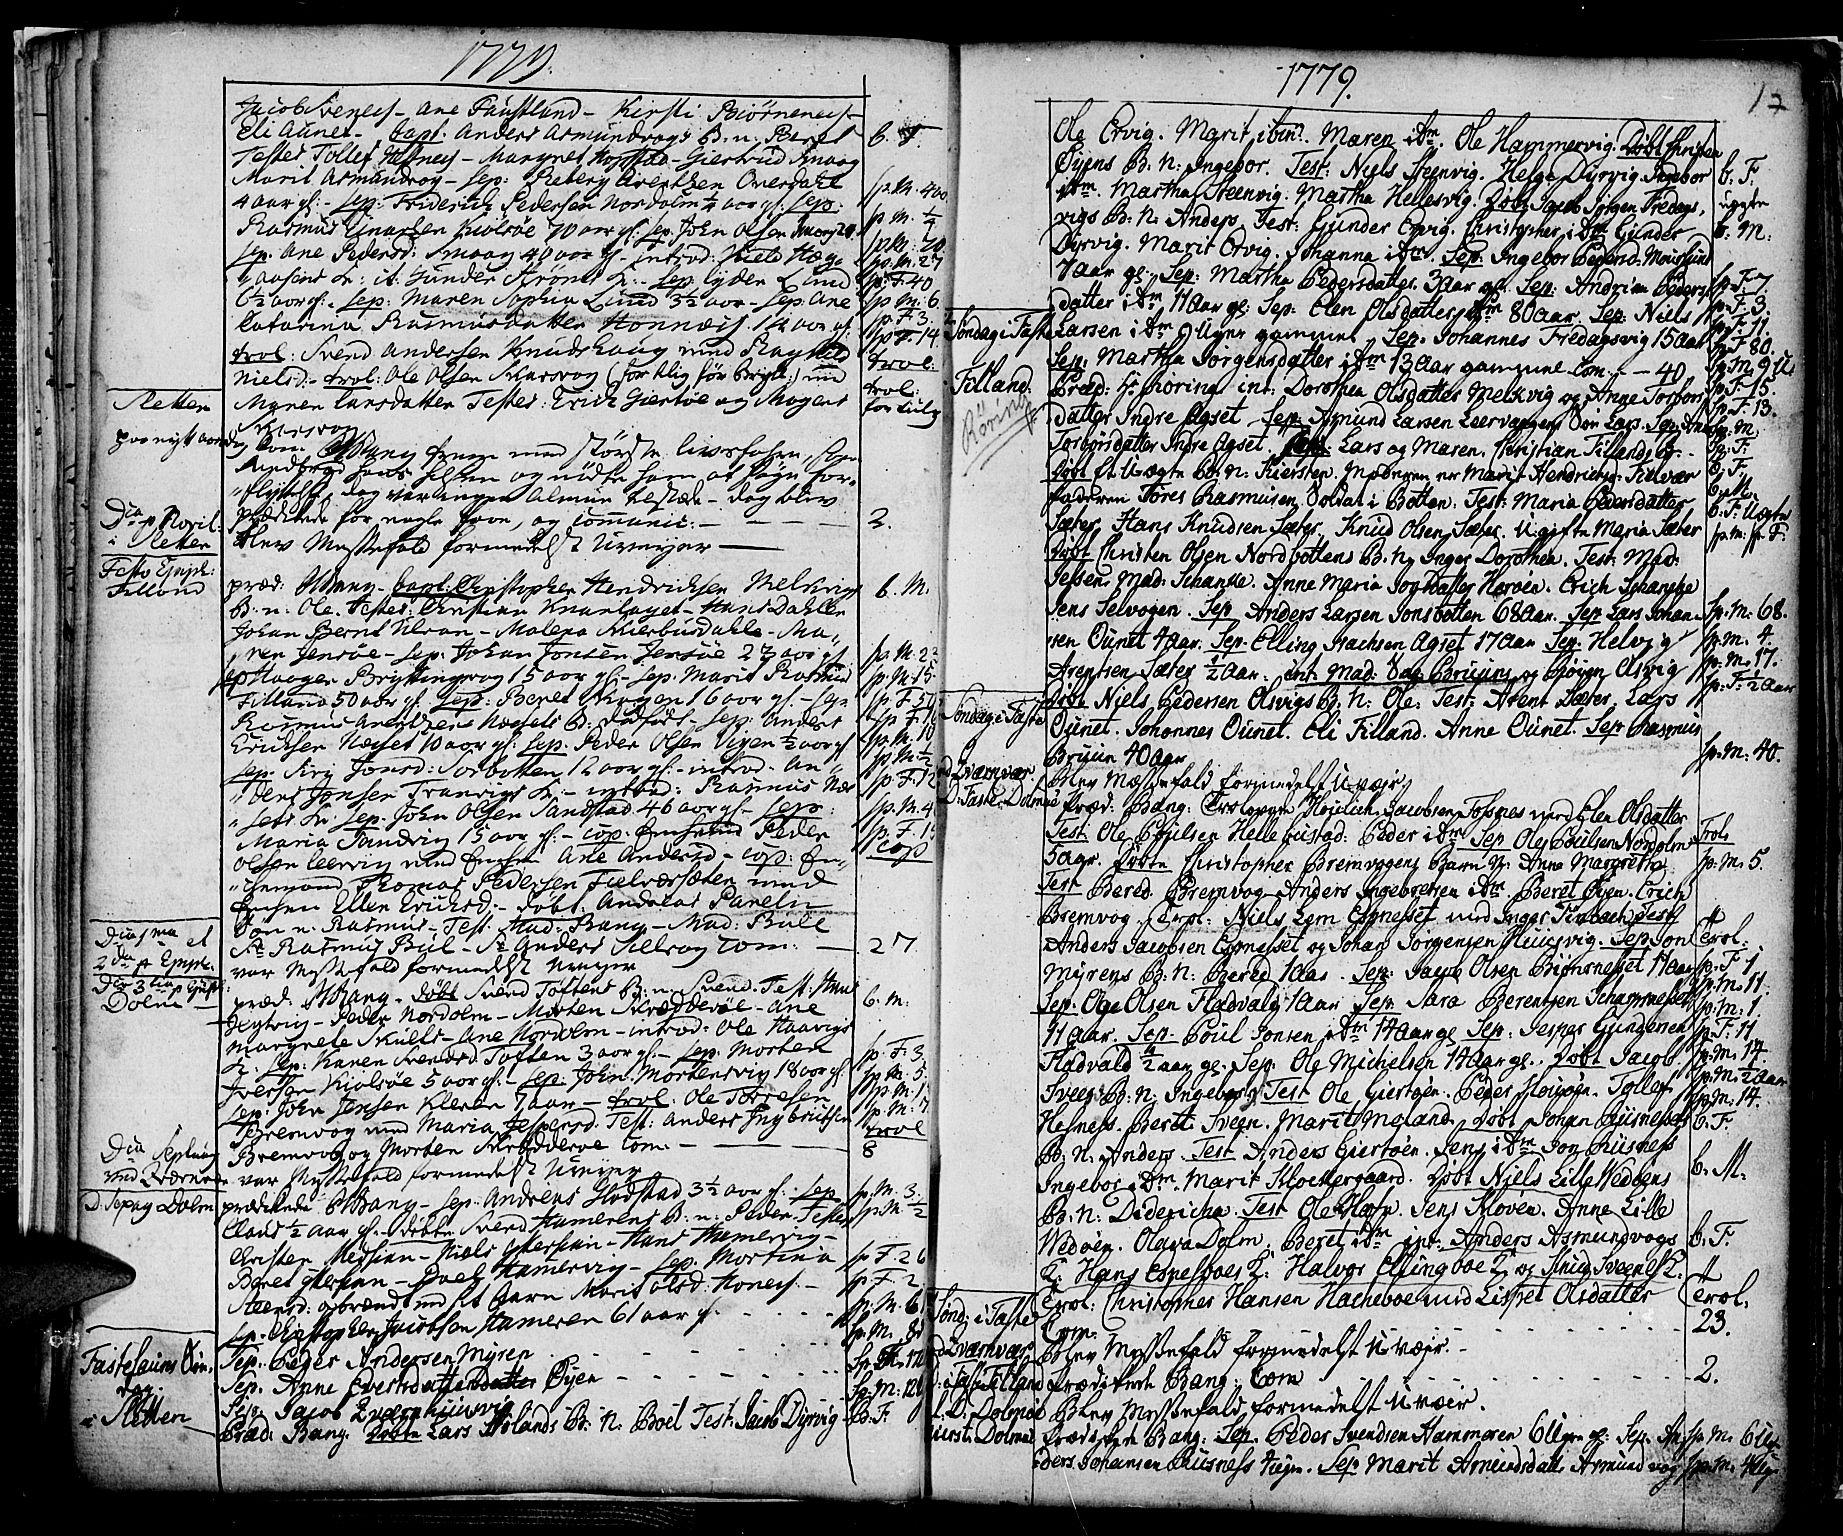 SAT, Ministerialprotokoller, klokkerbøker og fødselsregistre - Sør-Trøndelag, 634/L0526: Ministerialbok nr. 634A02, 1775-1818, s. 17